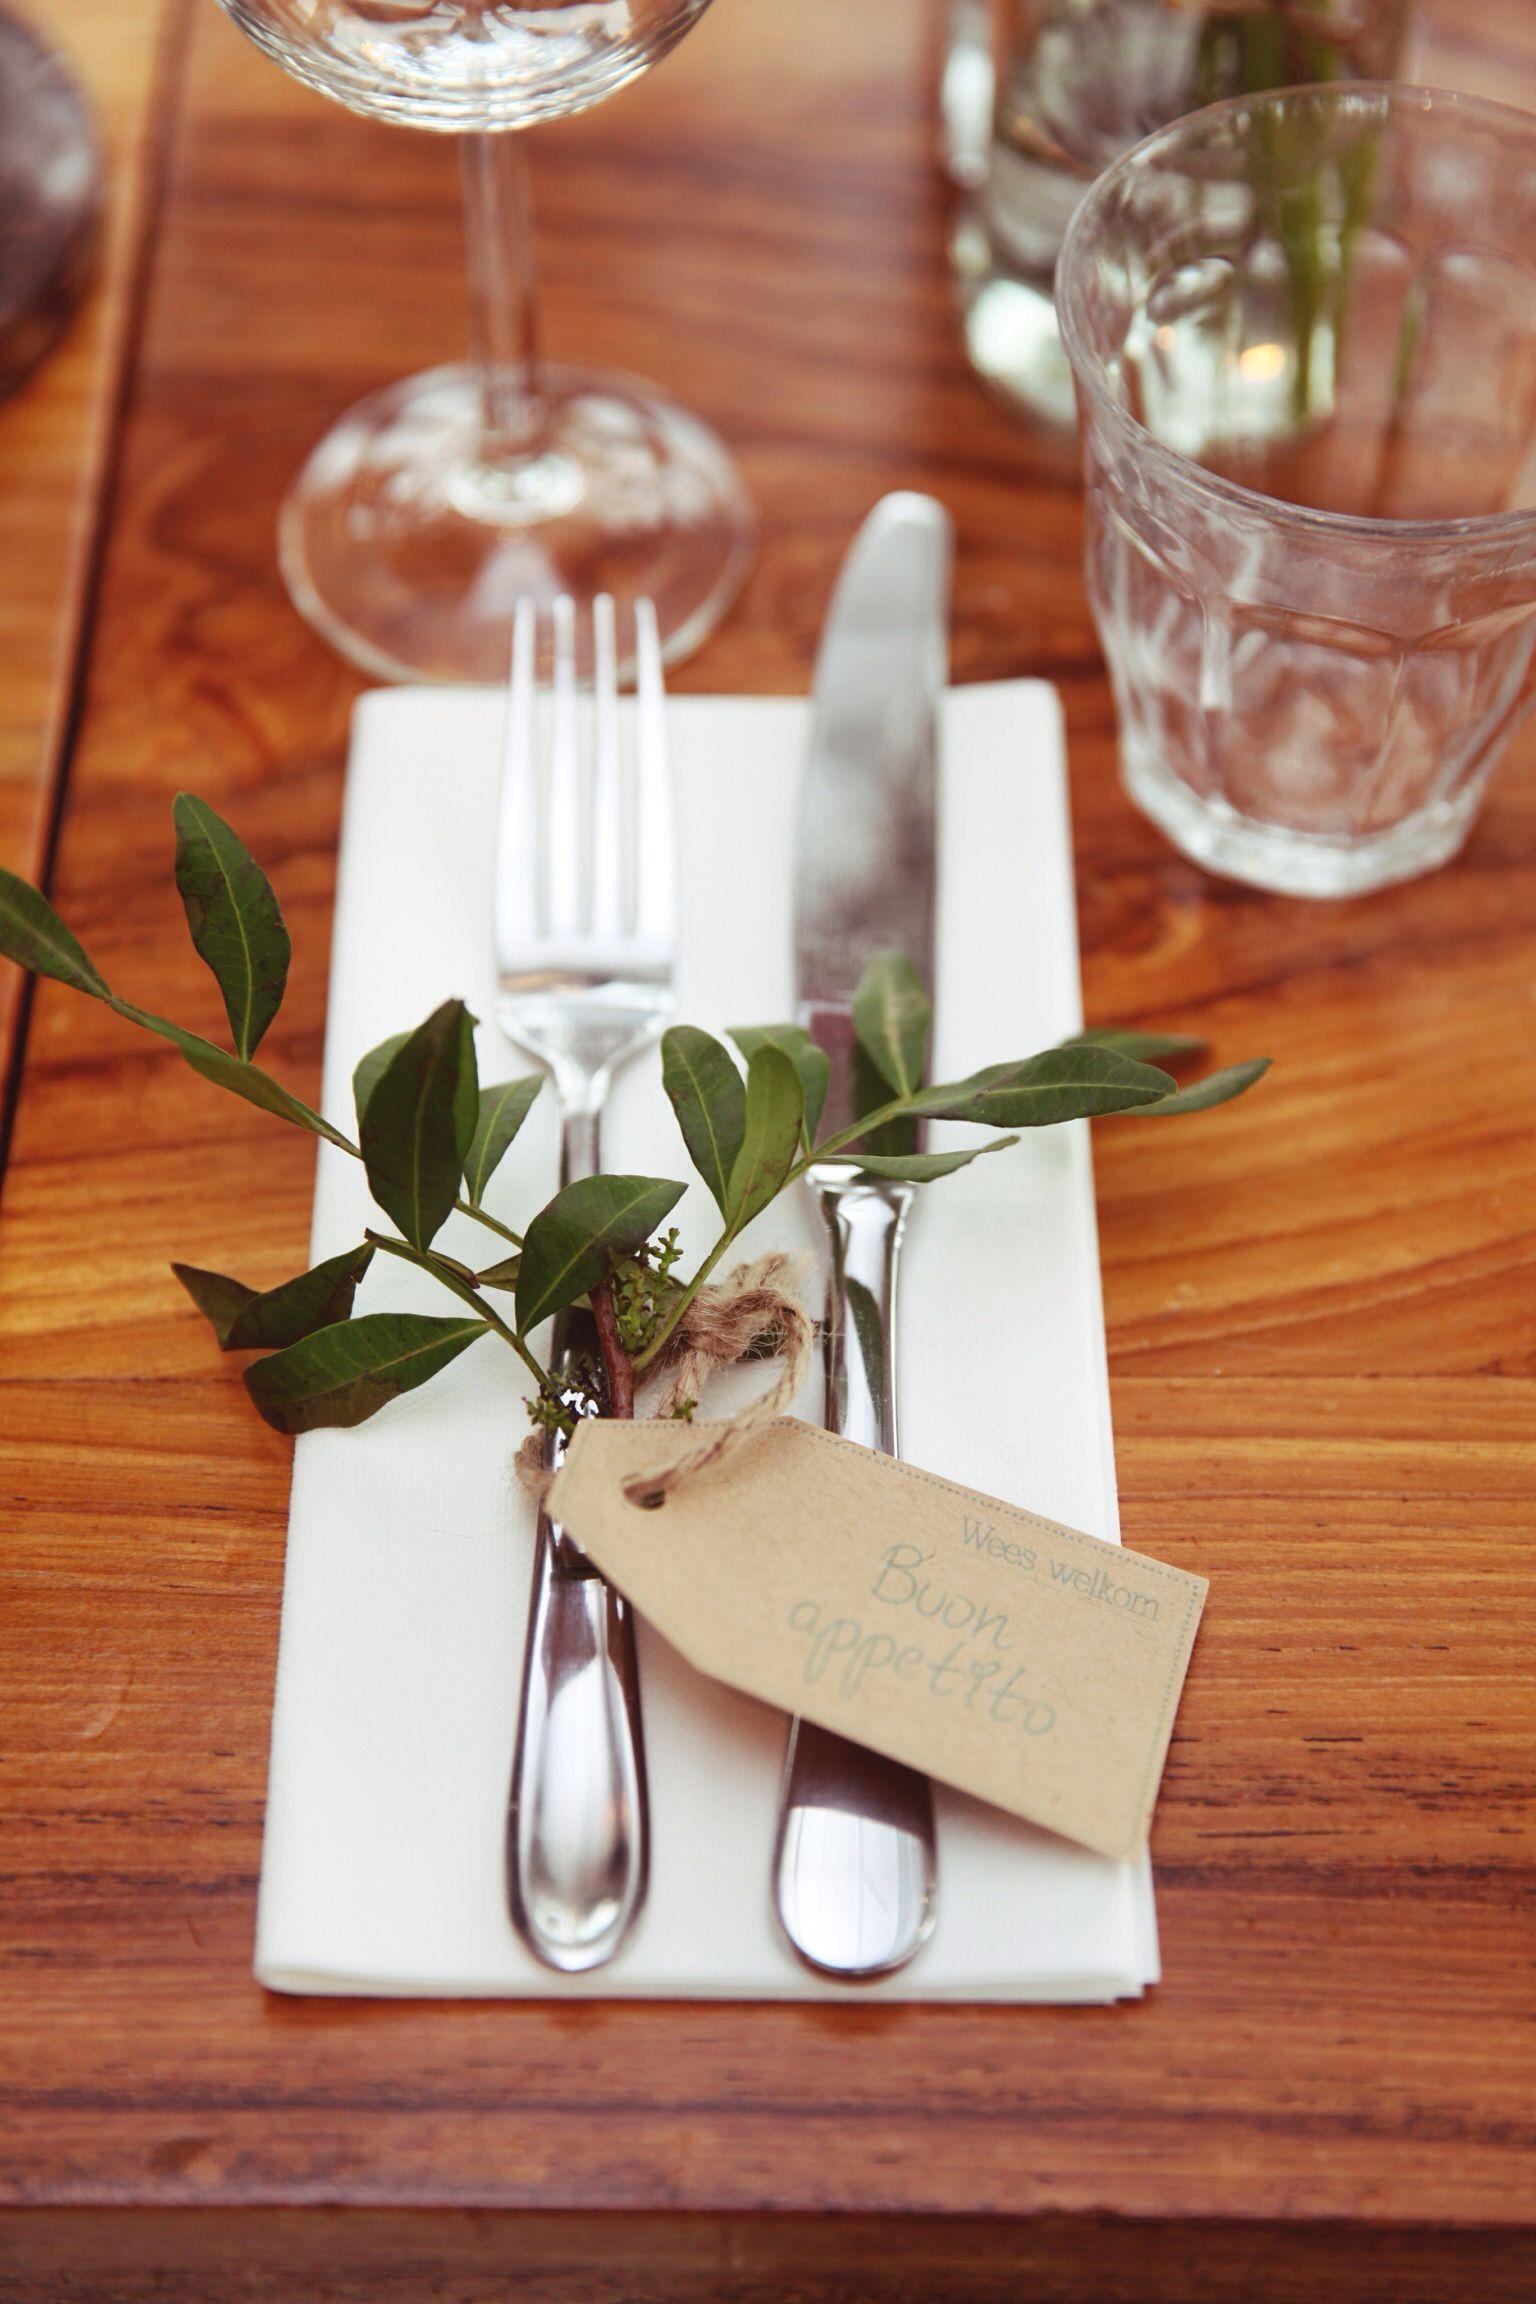 Diy Italian Inspired Diner With Brown Paper Blue Turqouise Tags Italiaans Geinspireerd Diner M Kerstdiner Tafels Italiaans Feest Decoraties Tafels Decoreren